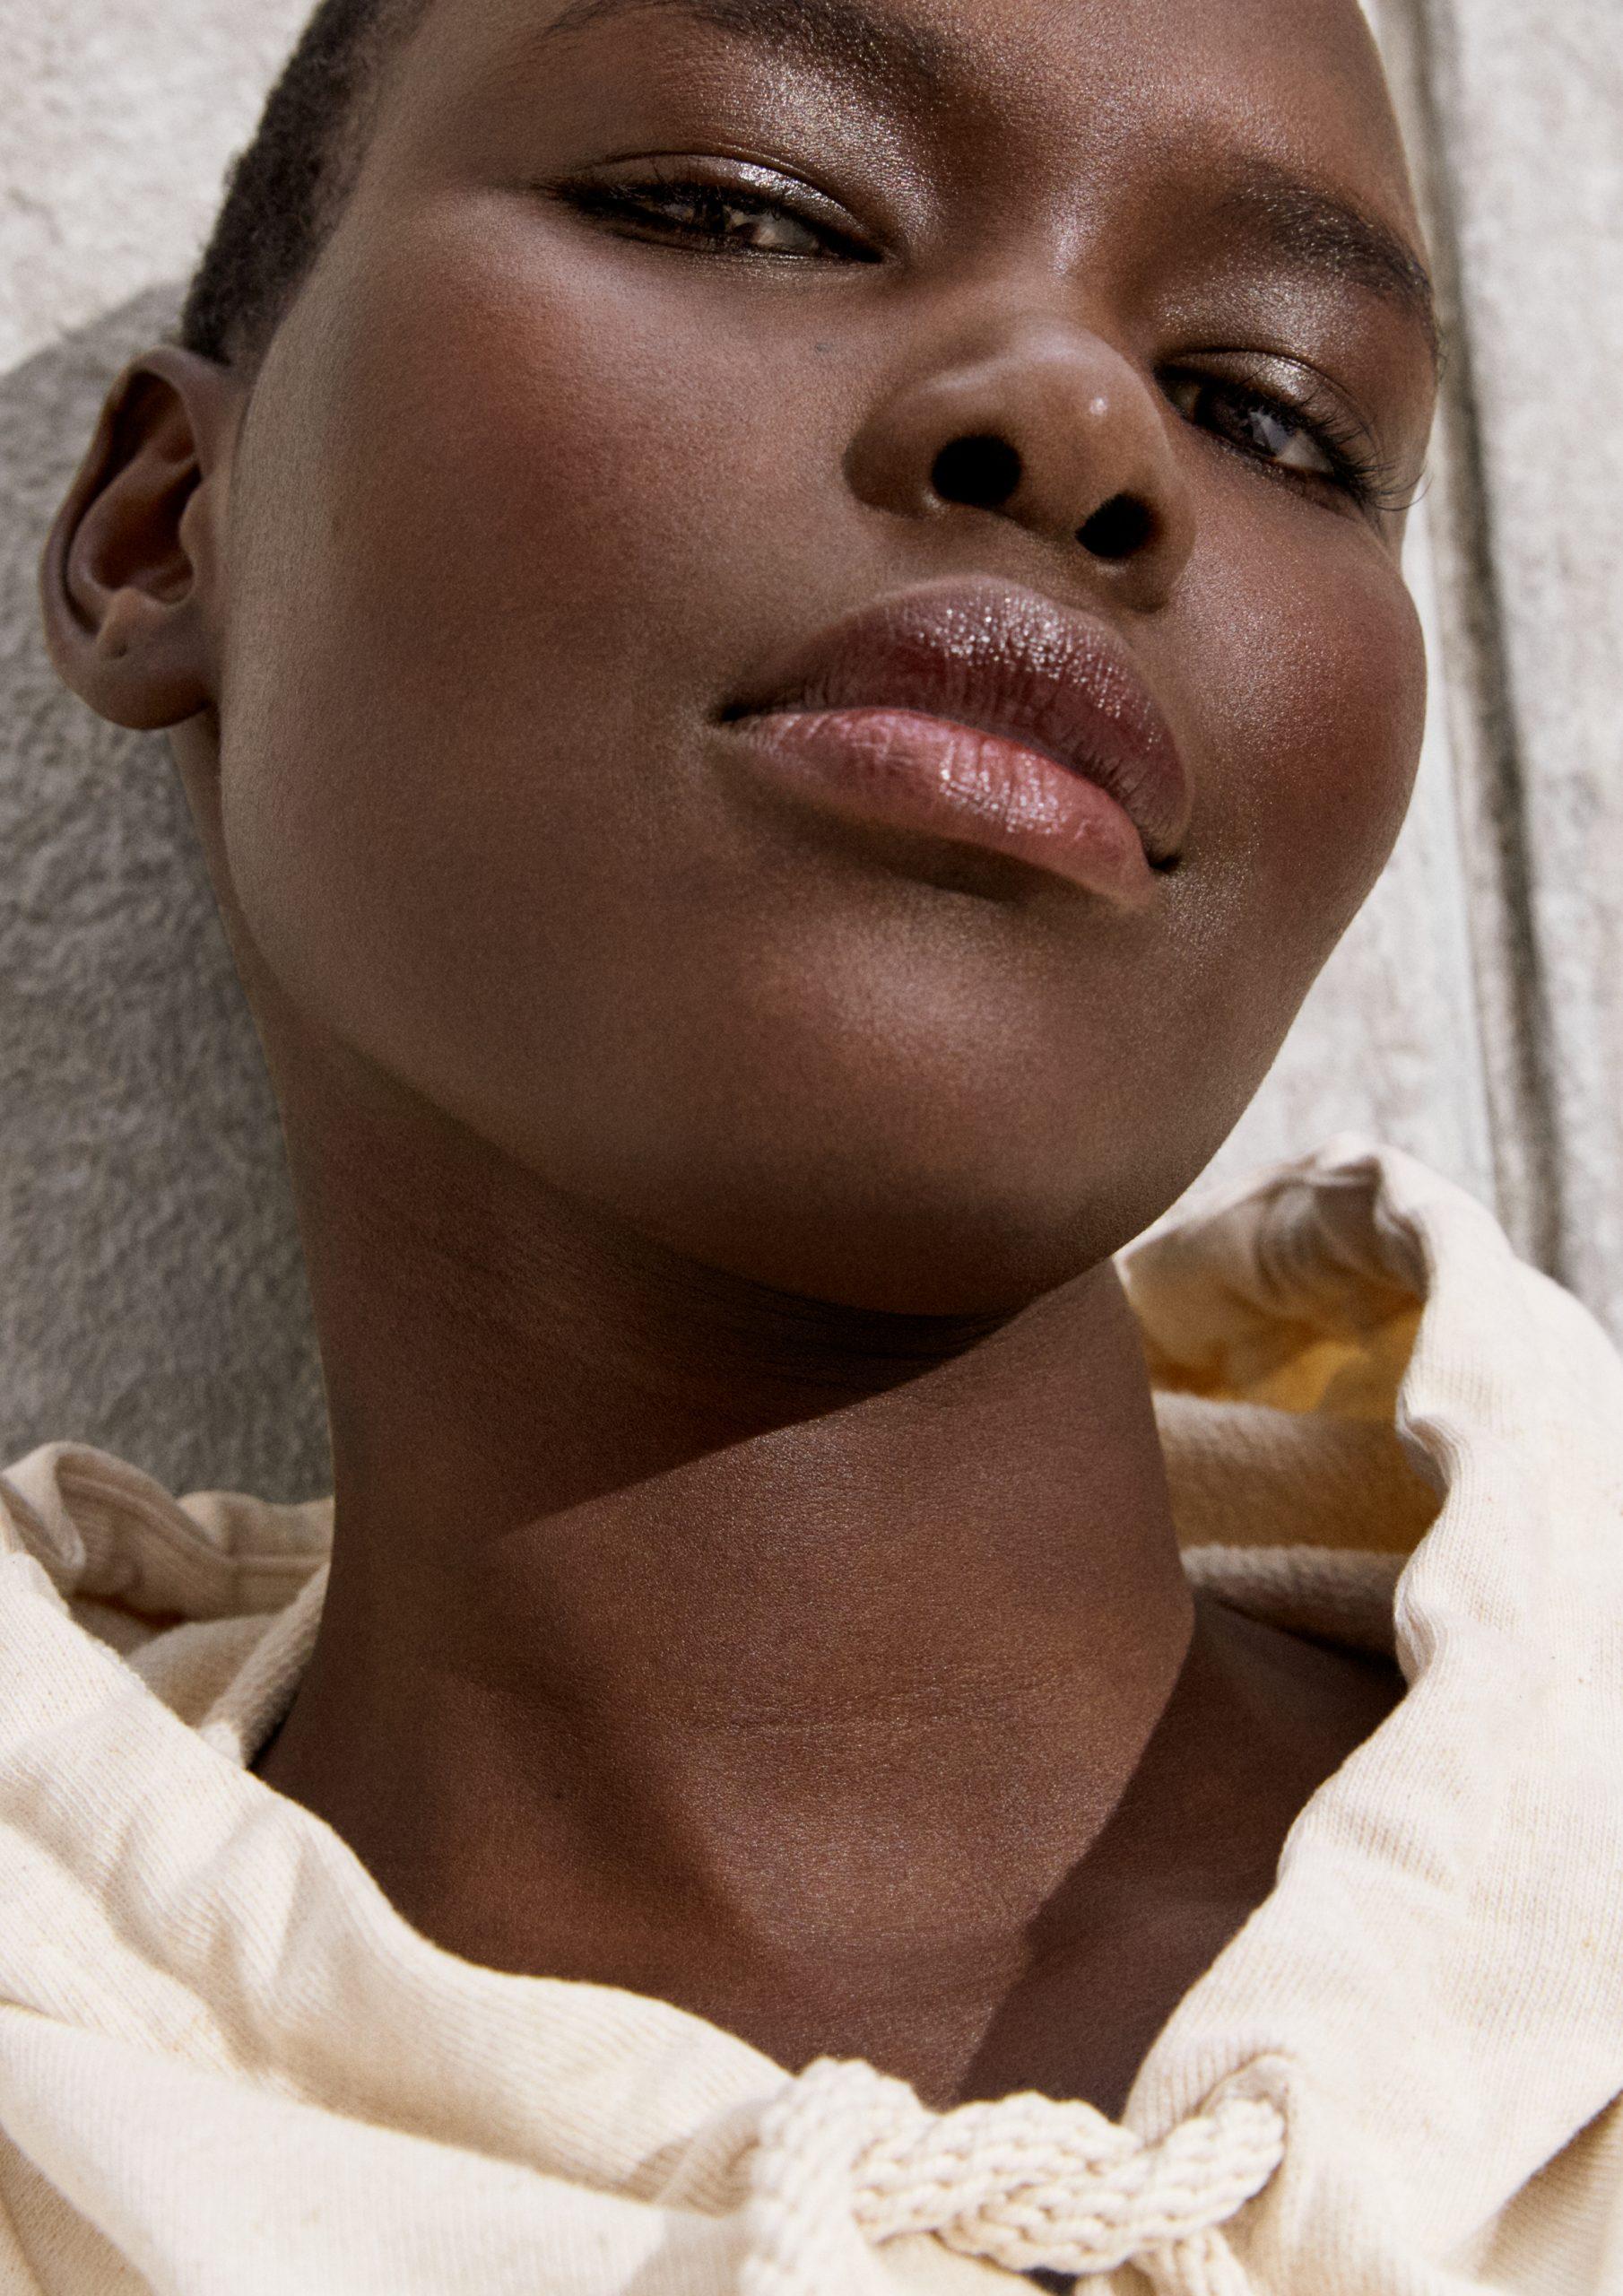 1103-Spring-Fashion-Portrait-Campaign-Images-300ppi-07